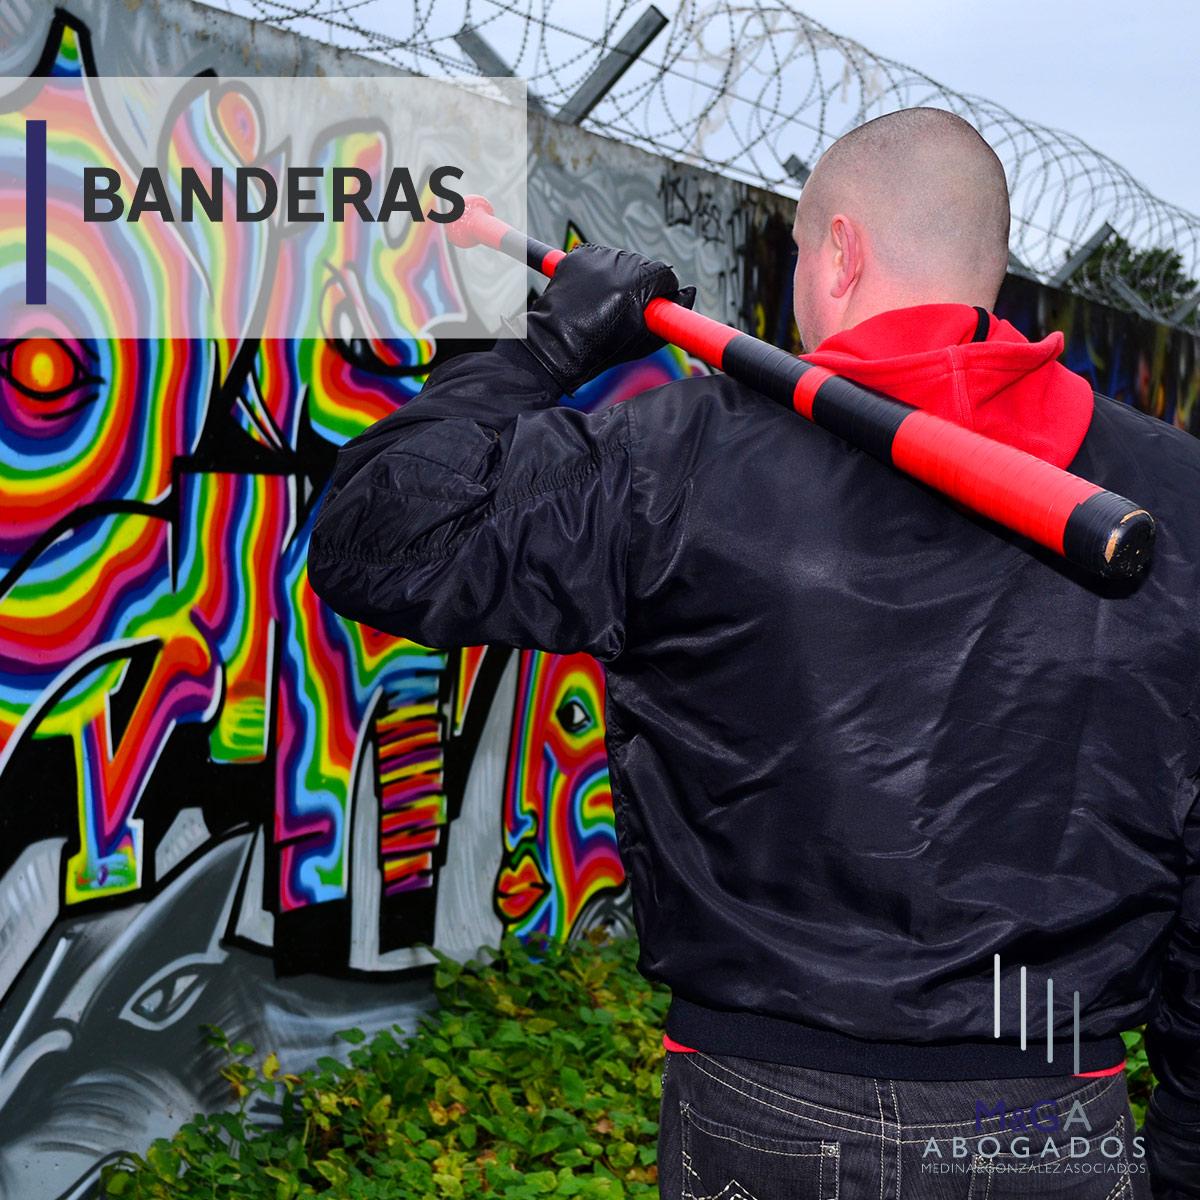 Piden 5 años de cárcel por una agresión en Barcelona a un vendedor de banderas españolas